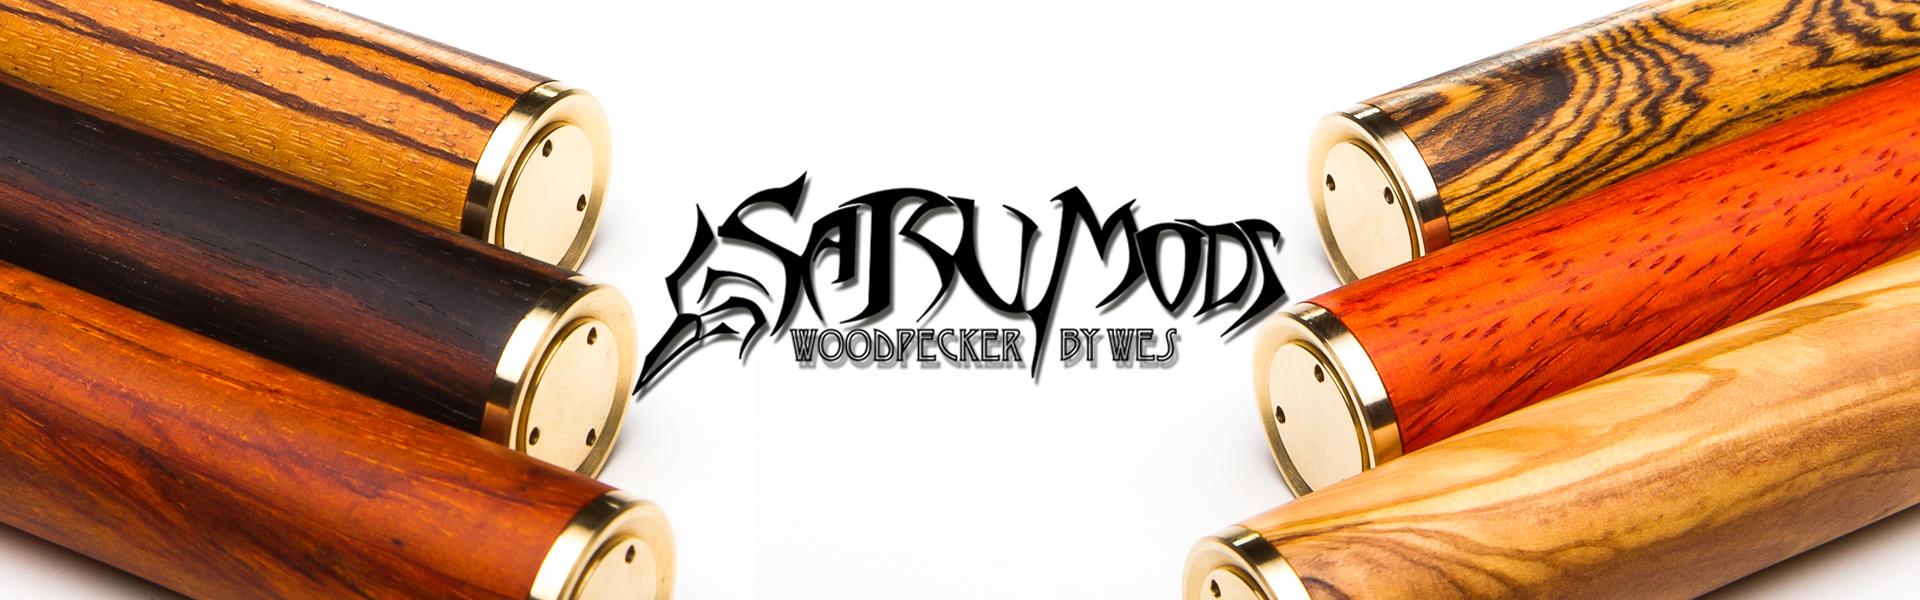 Sarumods